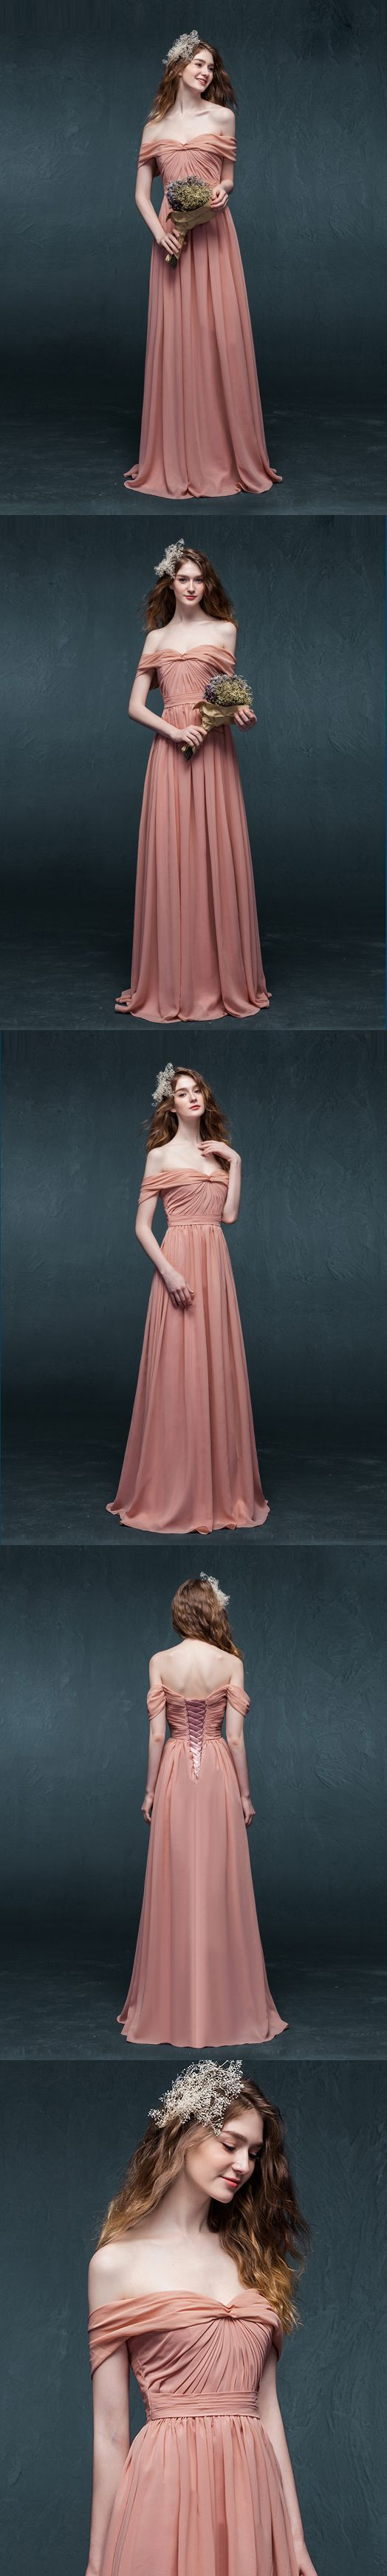 abendkleider lang,festliche kleider,schöne kleider,elegante